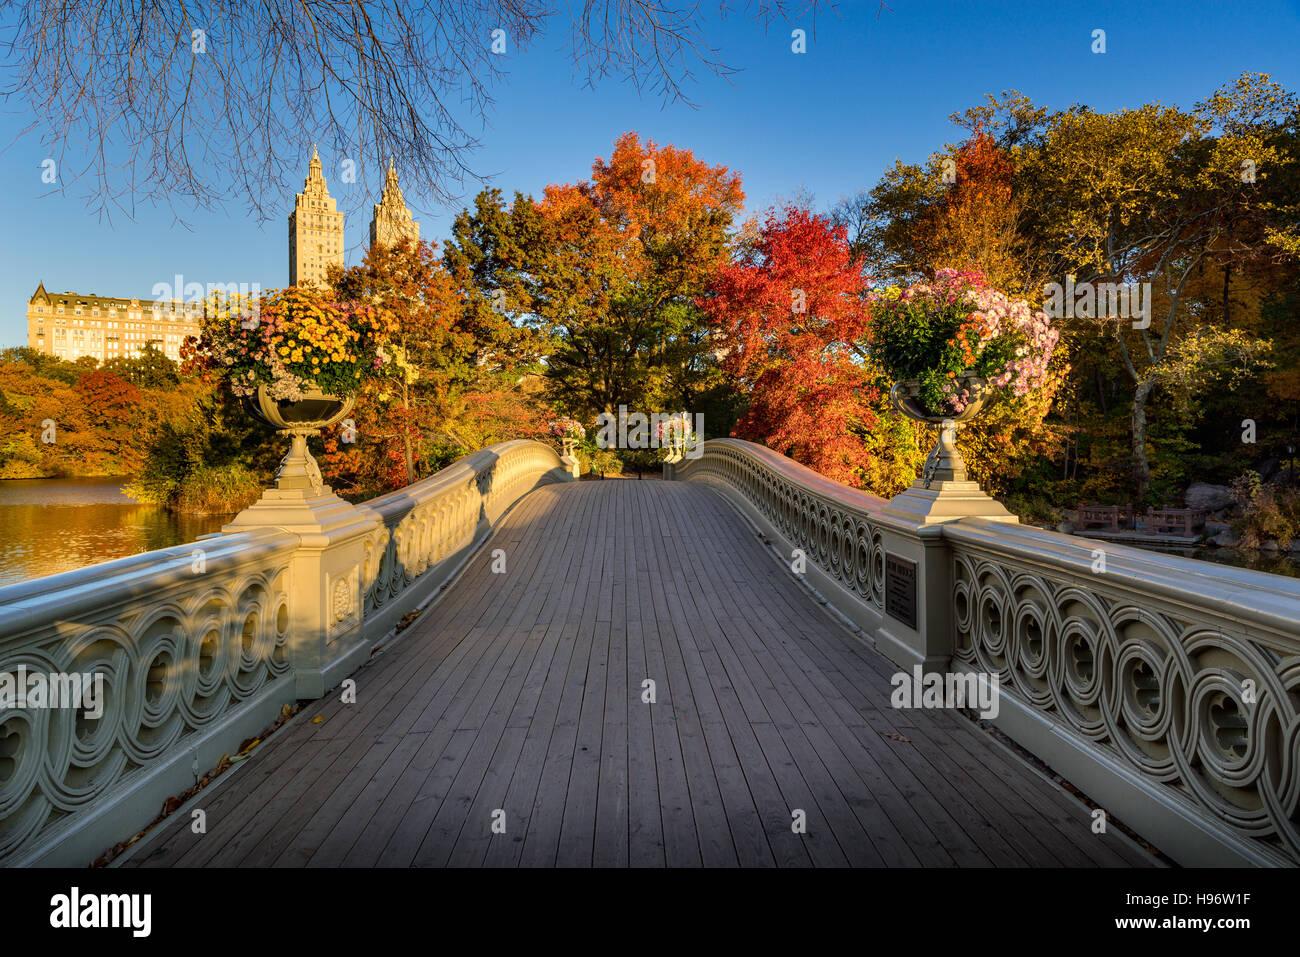 Central Park en automne au bord du lac avec l'avant du pont. Lever du soleil sur le feuillage automne coloré. Photo Stock